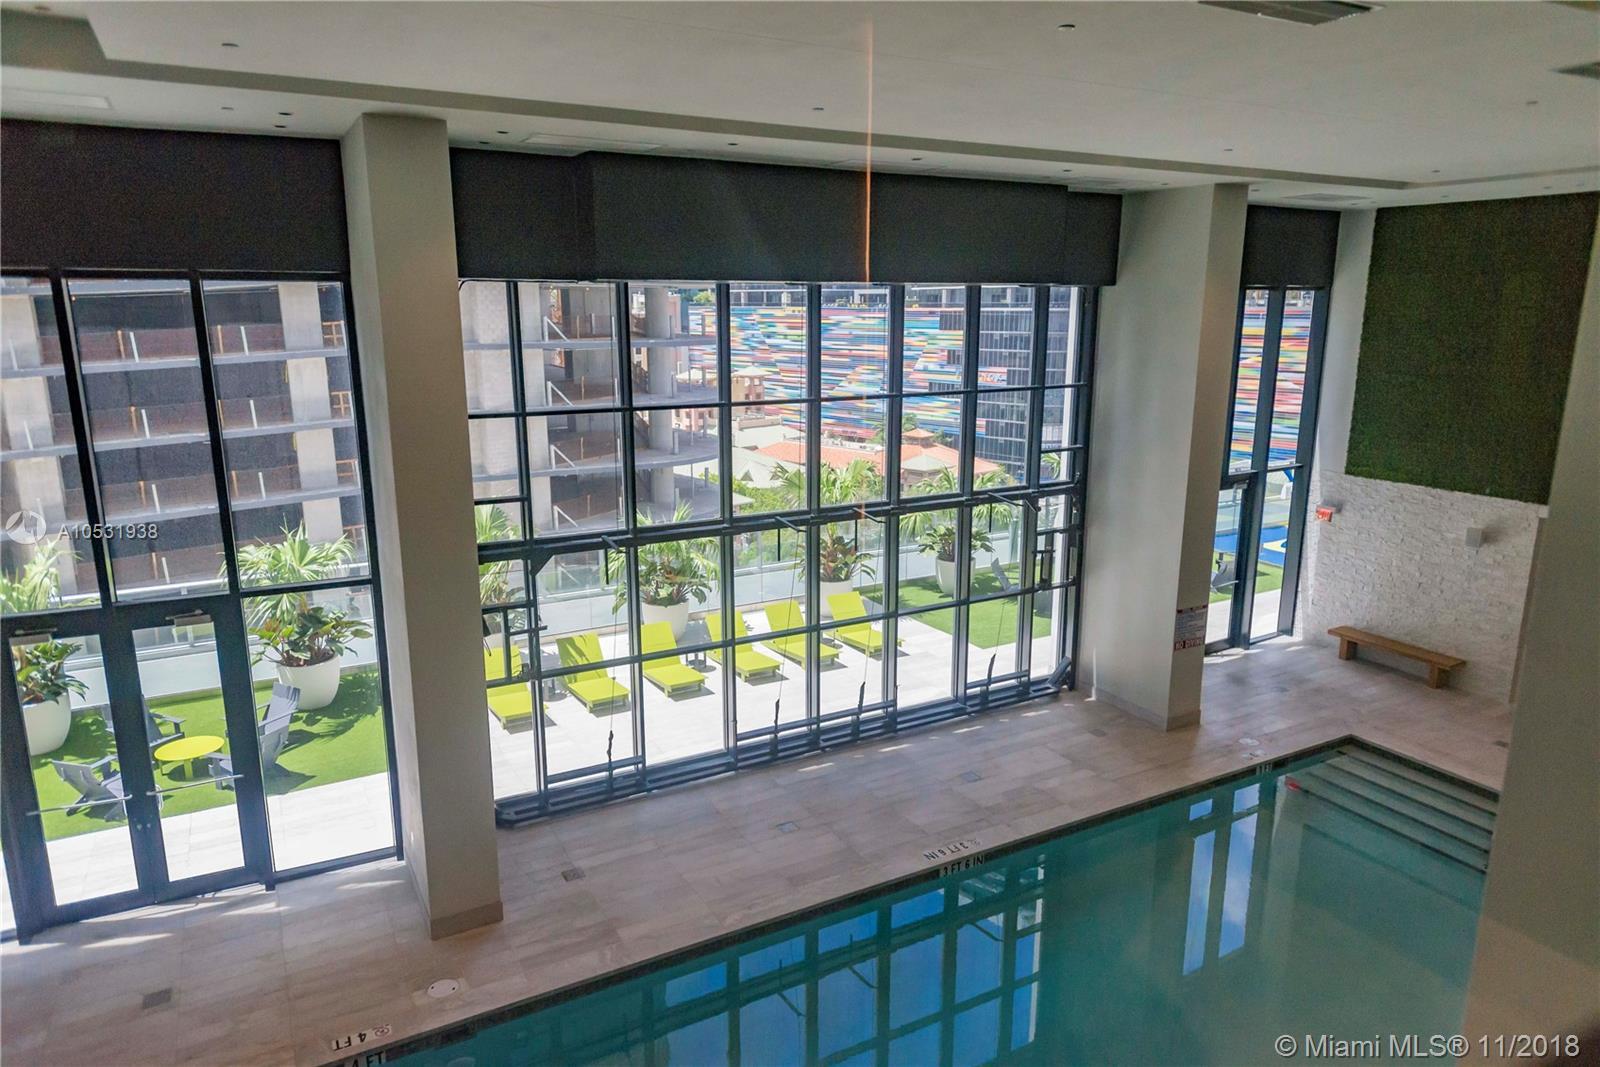 1010 Brickell Avenue, Miami, FL 33131, 1010 Brickell #4704, Brickell, Miami A10531938 image #30